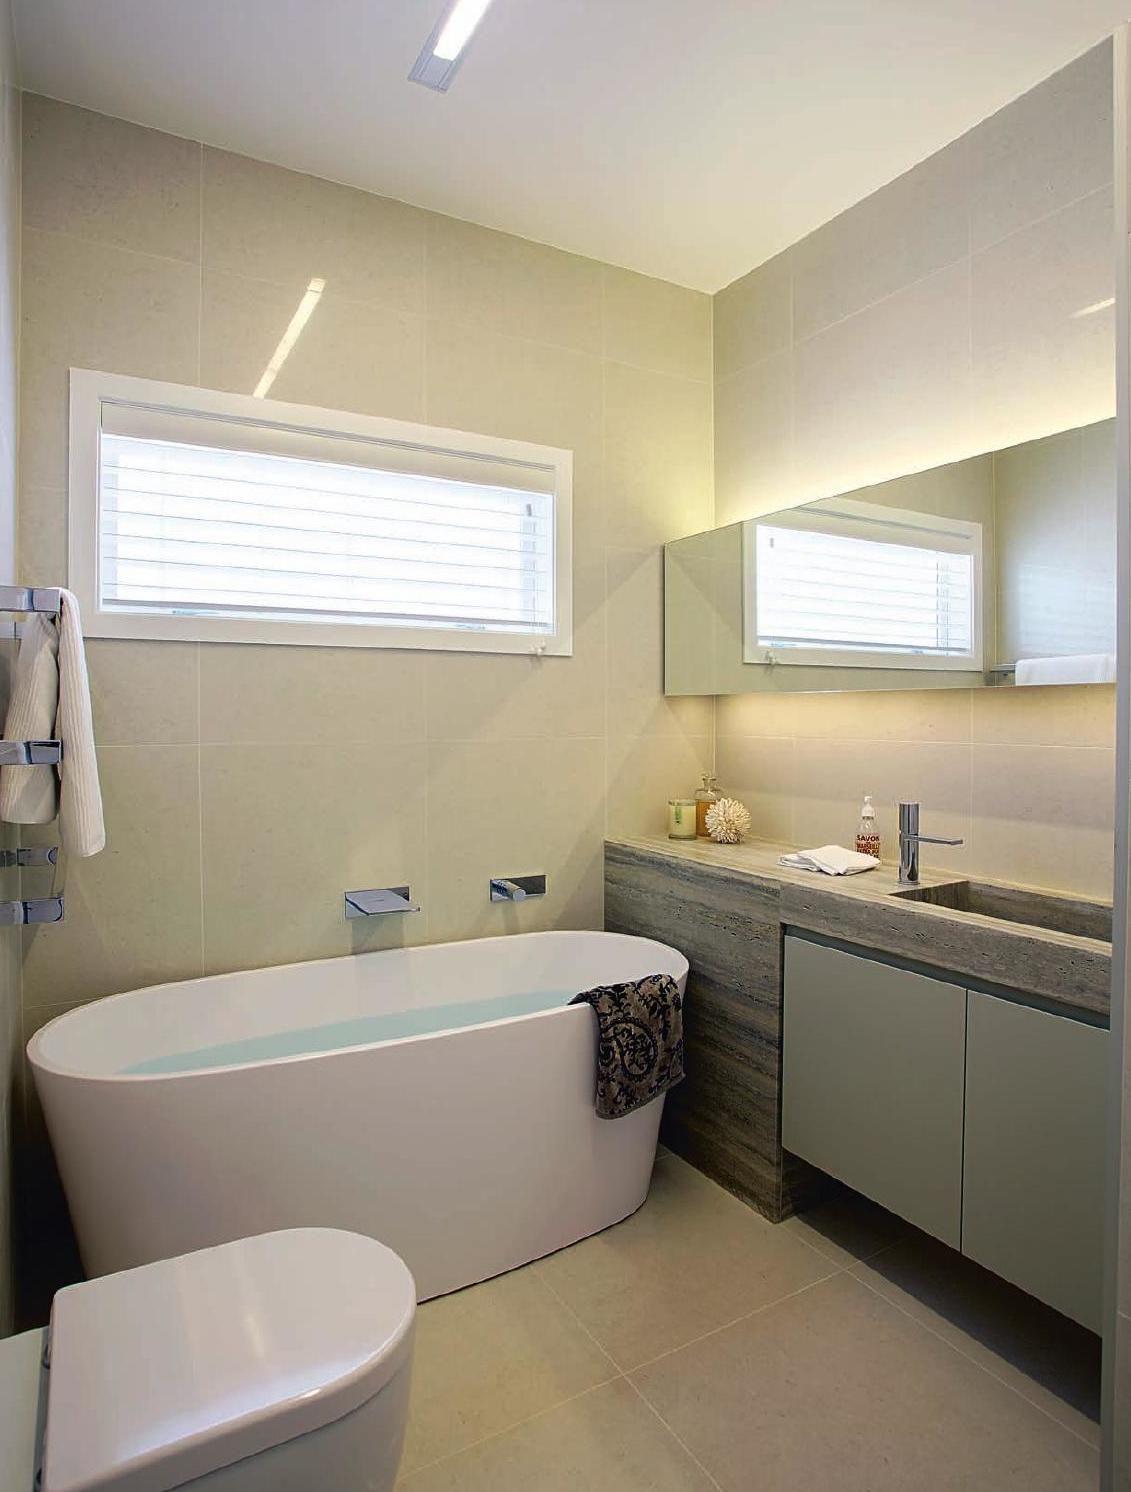 KITCHEN & BATHROOM TRENDS New Zealand Vol 30/02 Bathroom